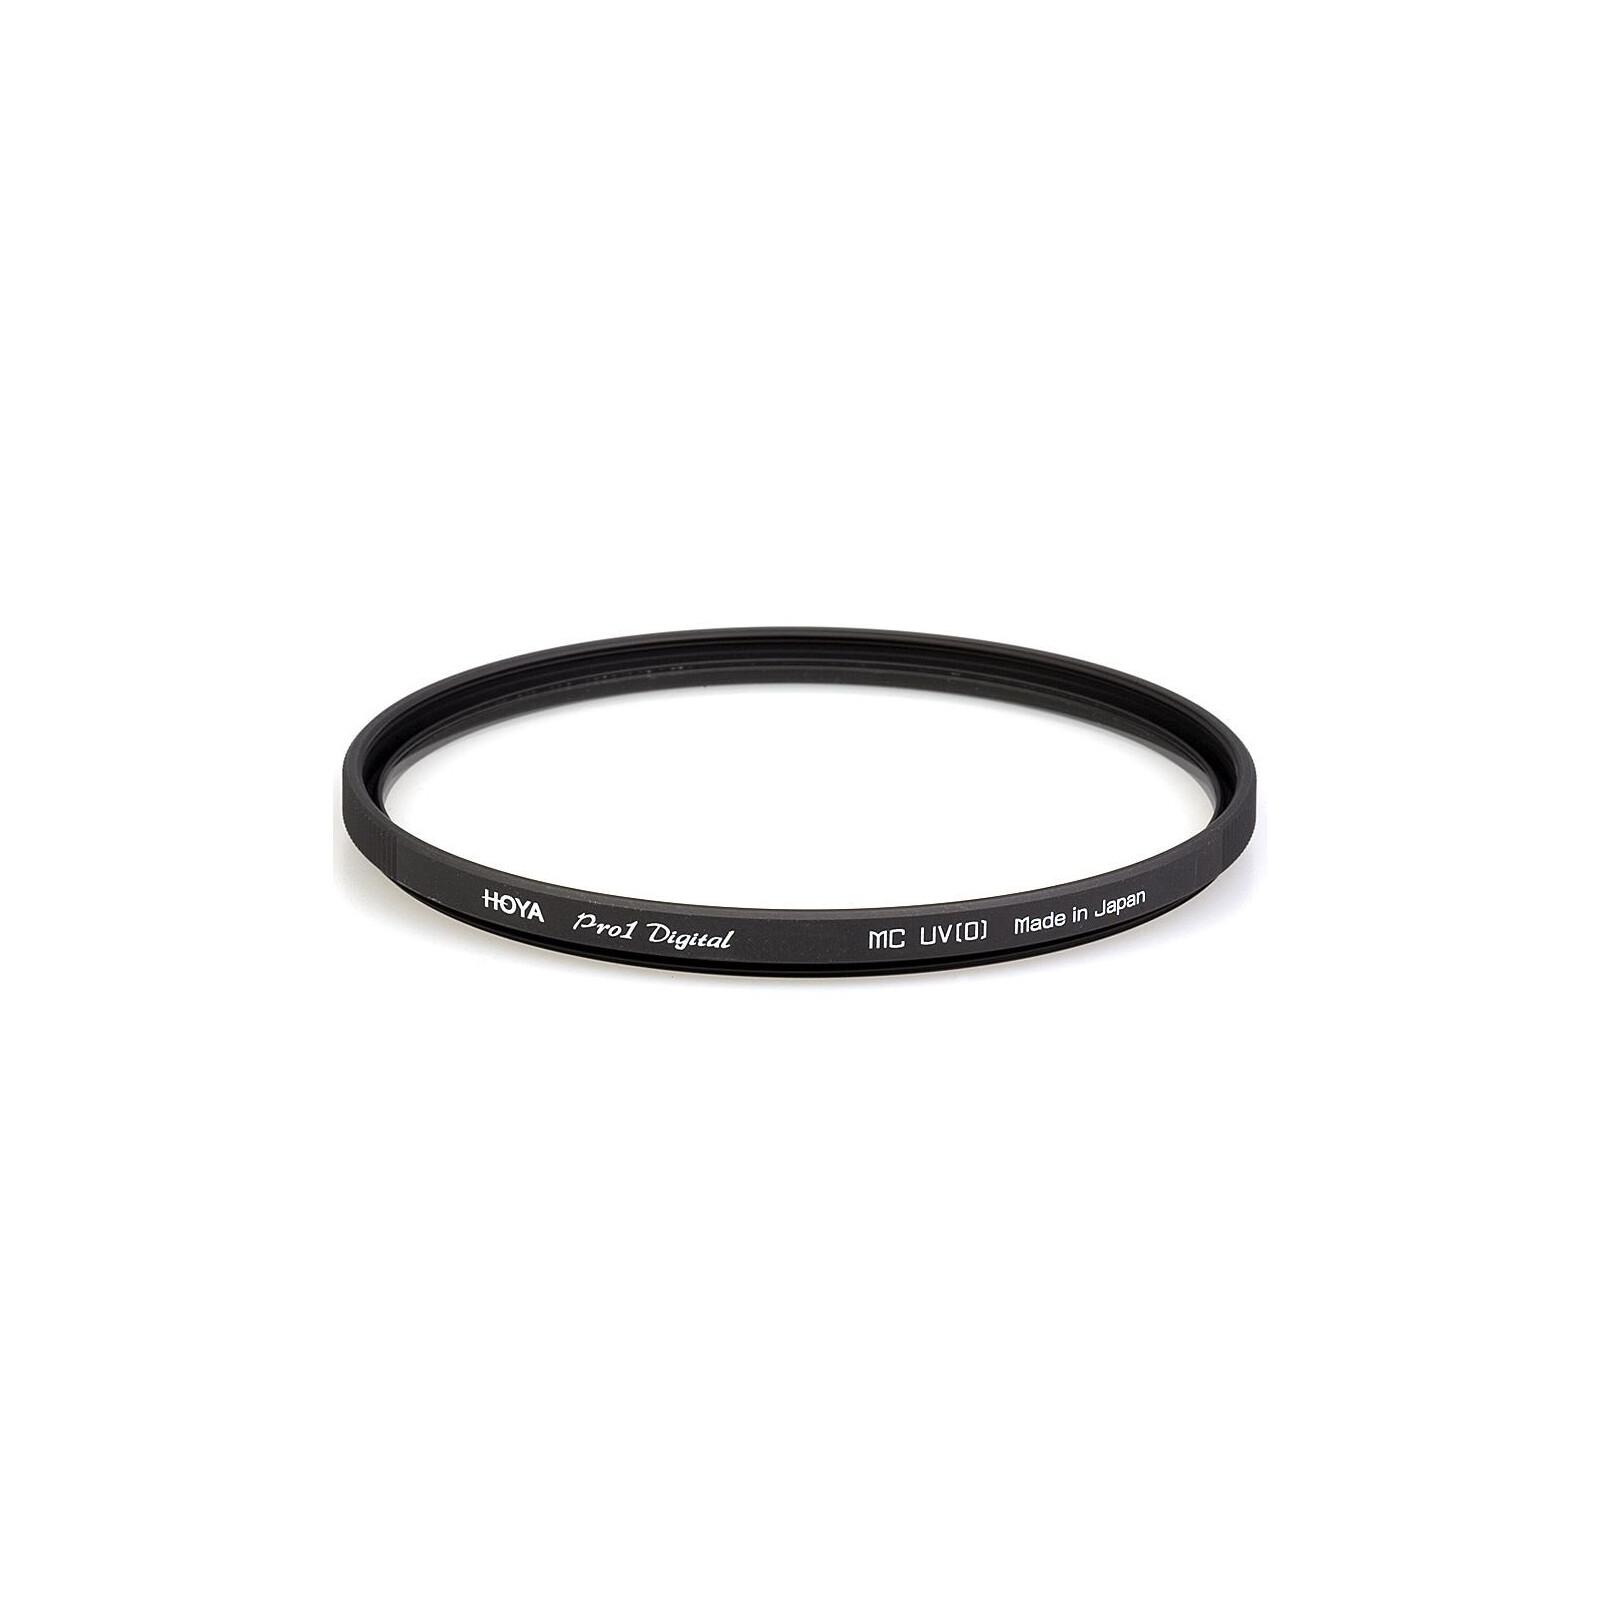 Hoya UV PRO1-DG 46mm